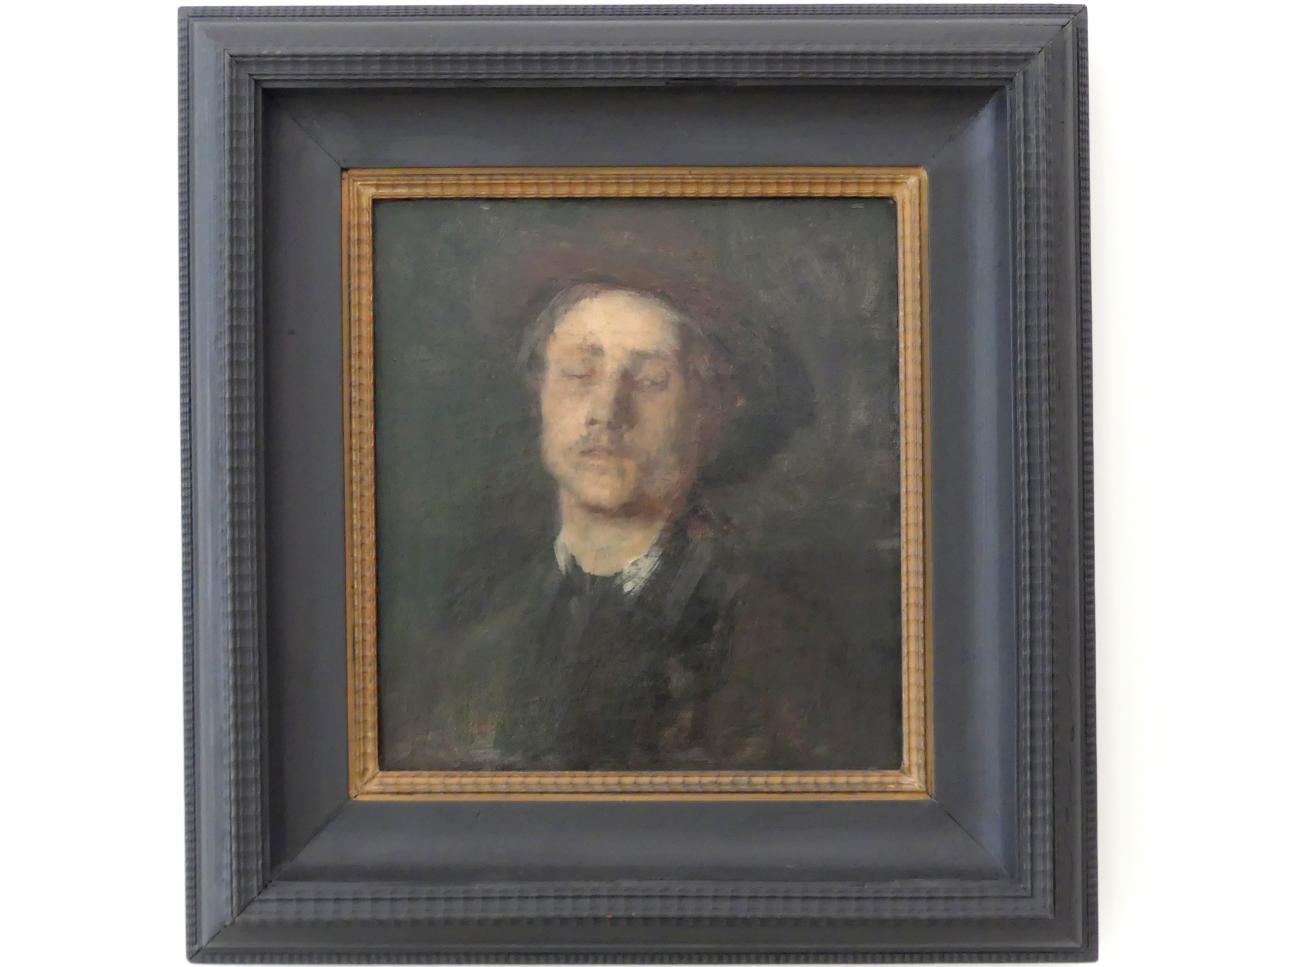 Wilhelm Leibl: Bildnis eines Blinden, um 1865 - 1867